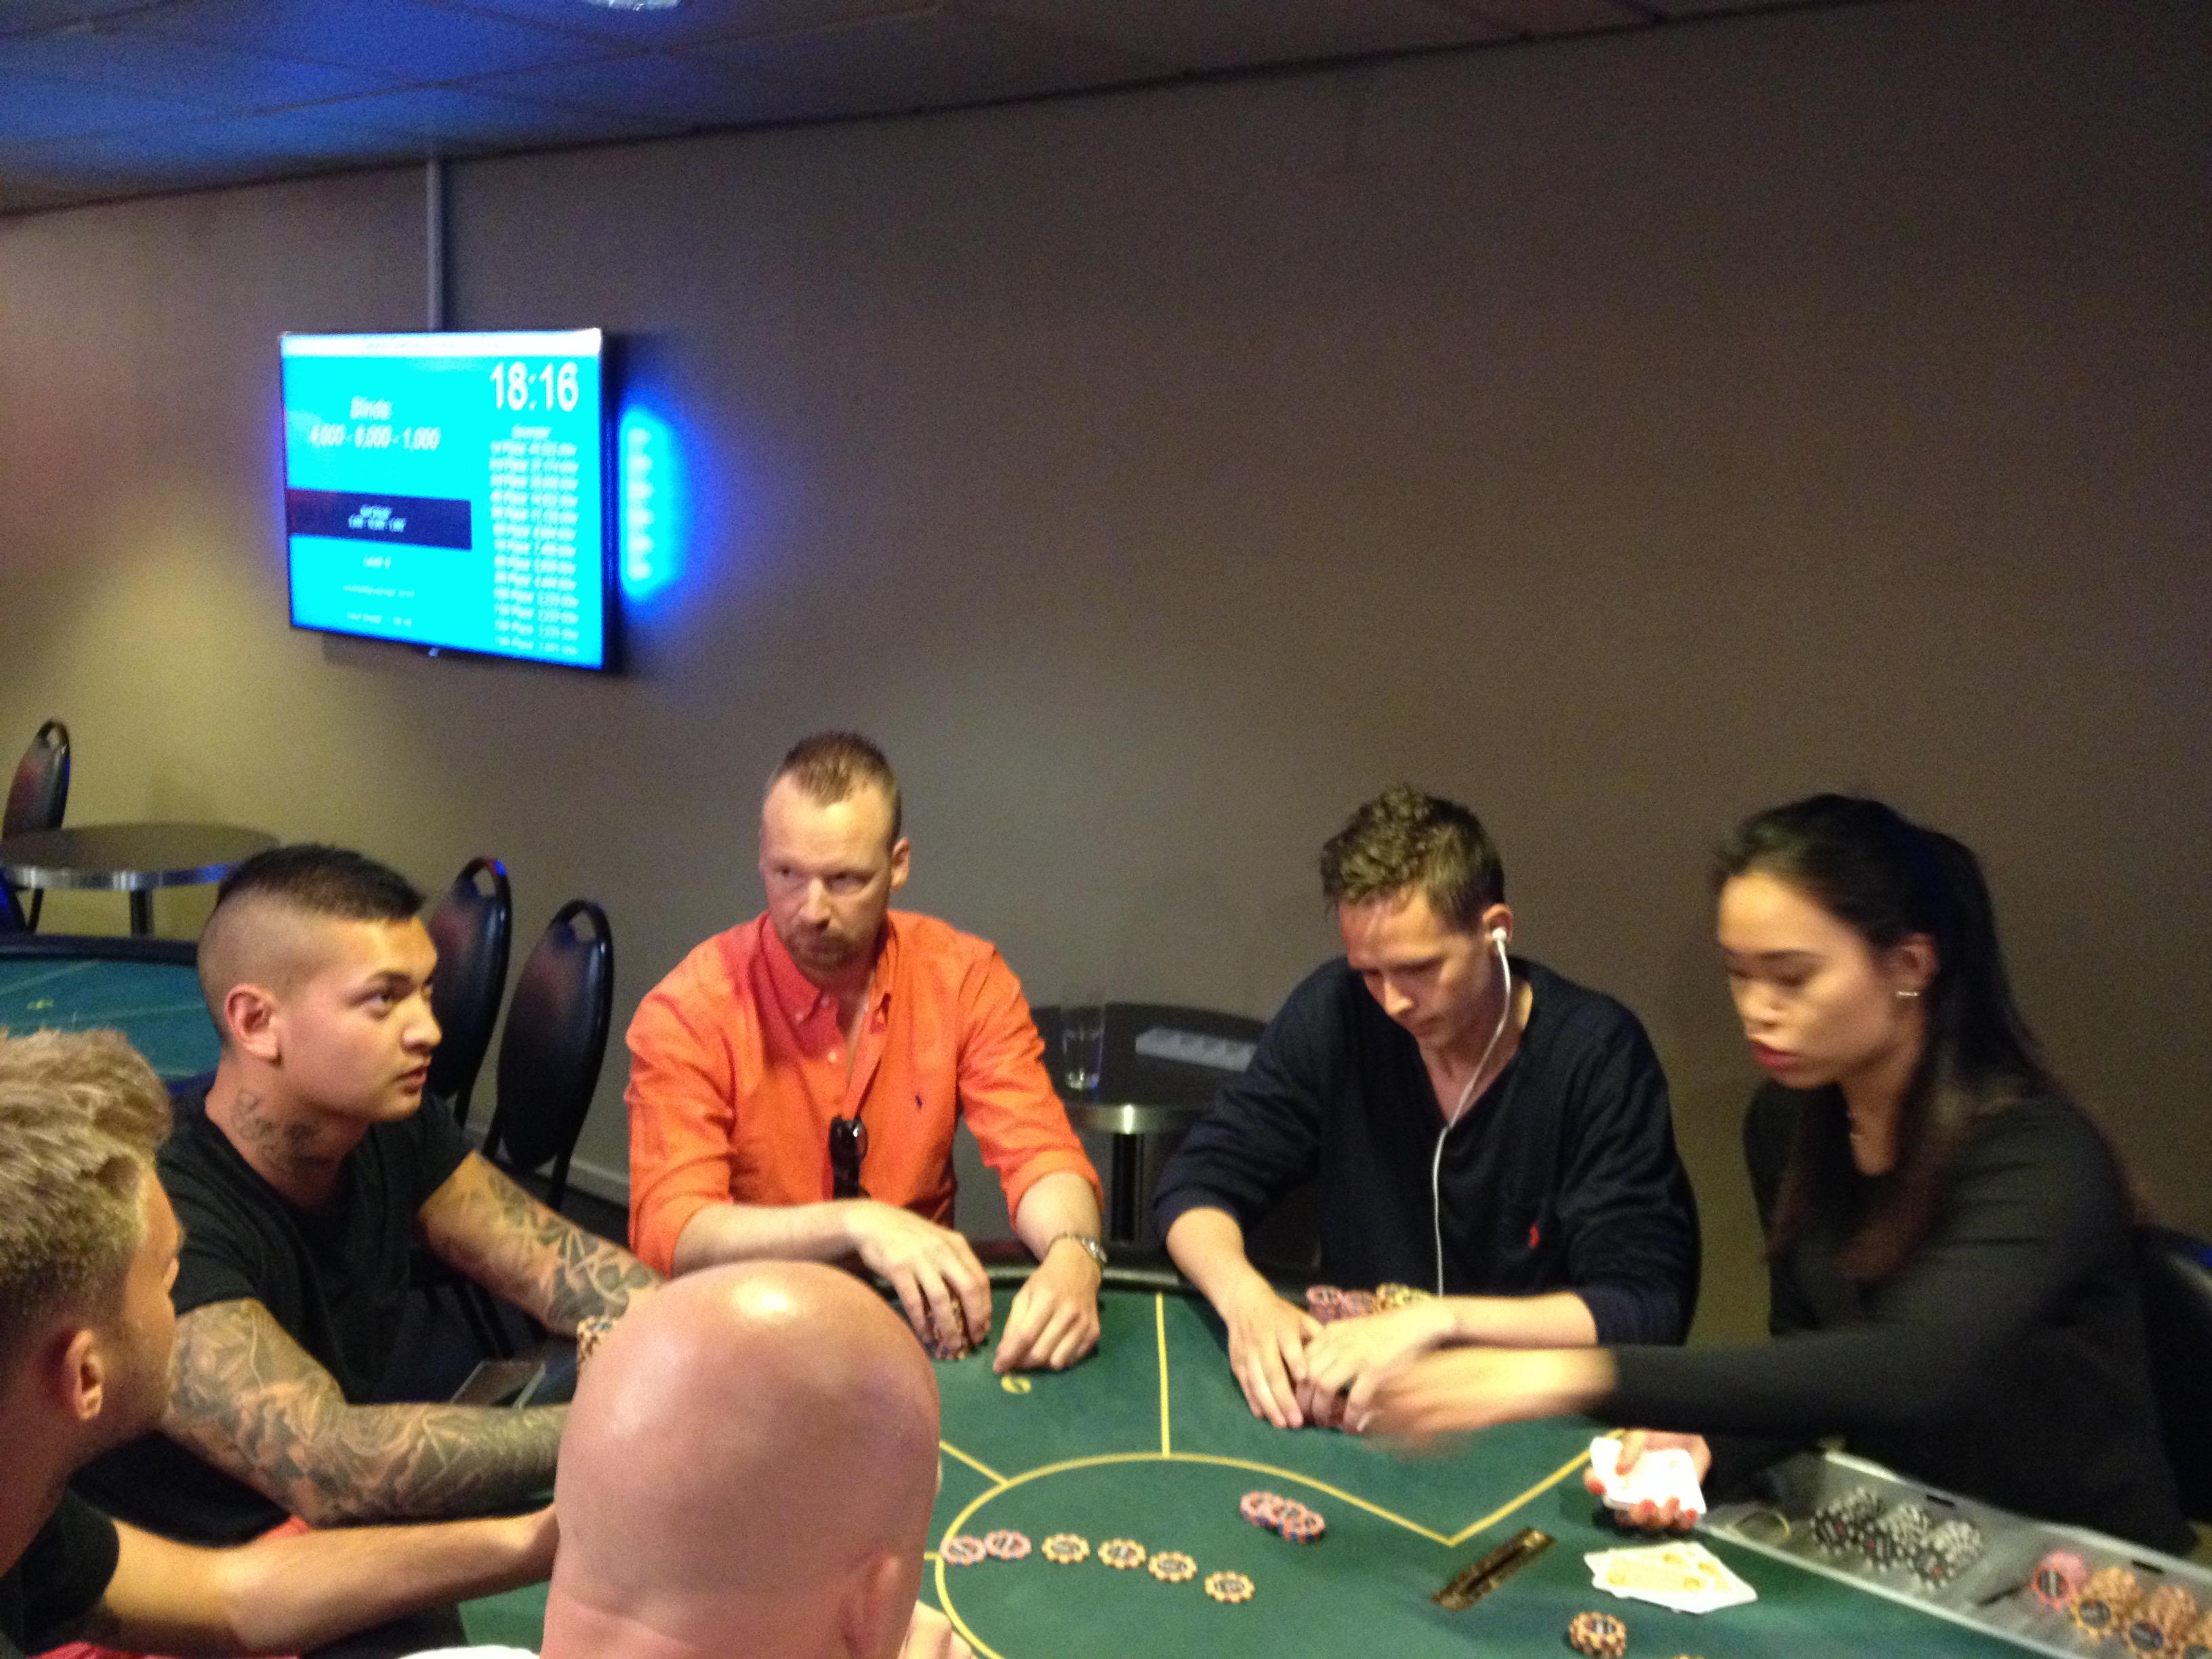 Artikel billede: Nogle af spillerne fra finalebordet